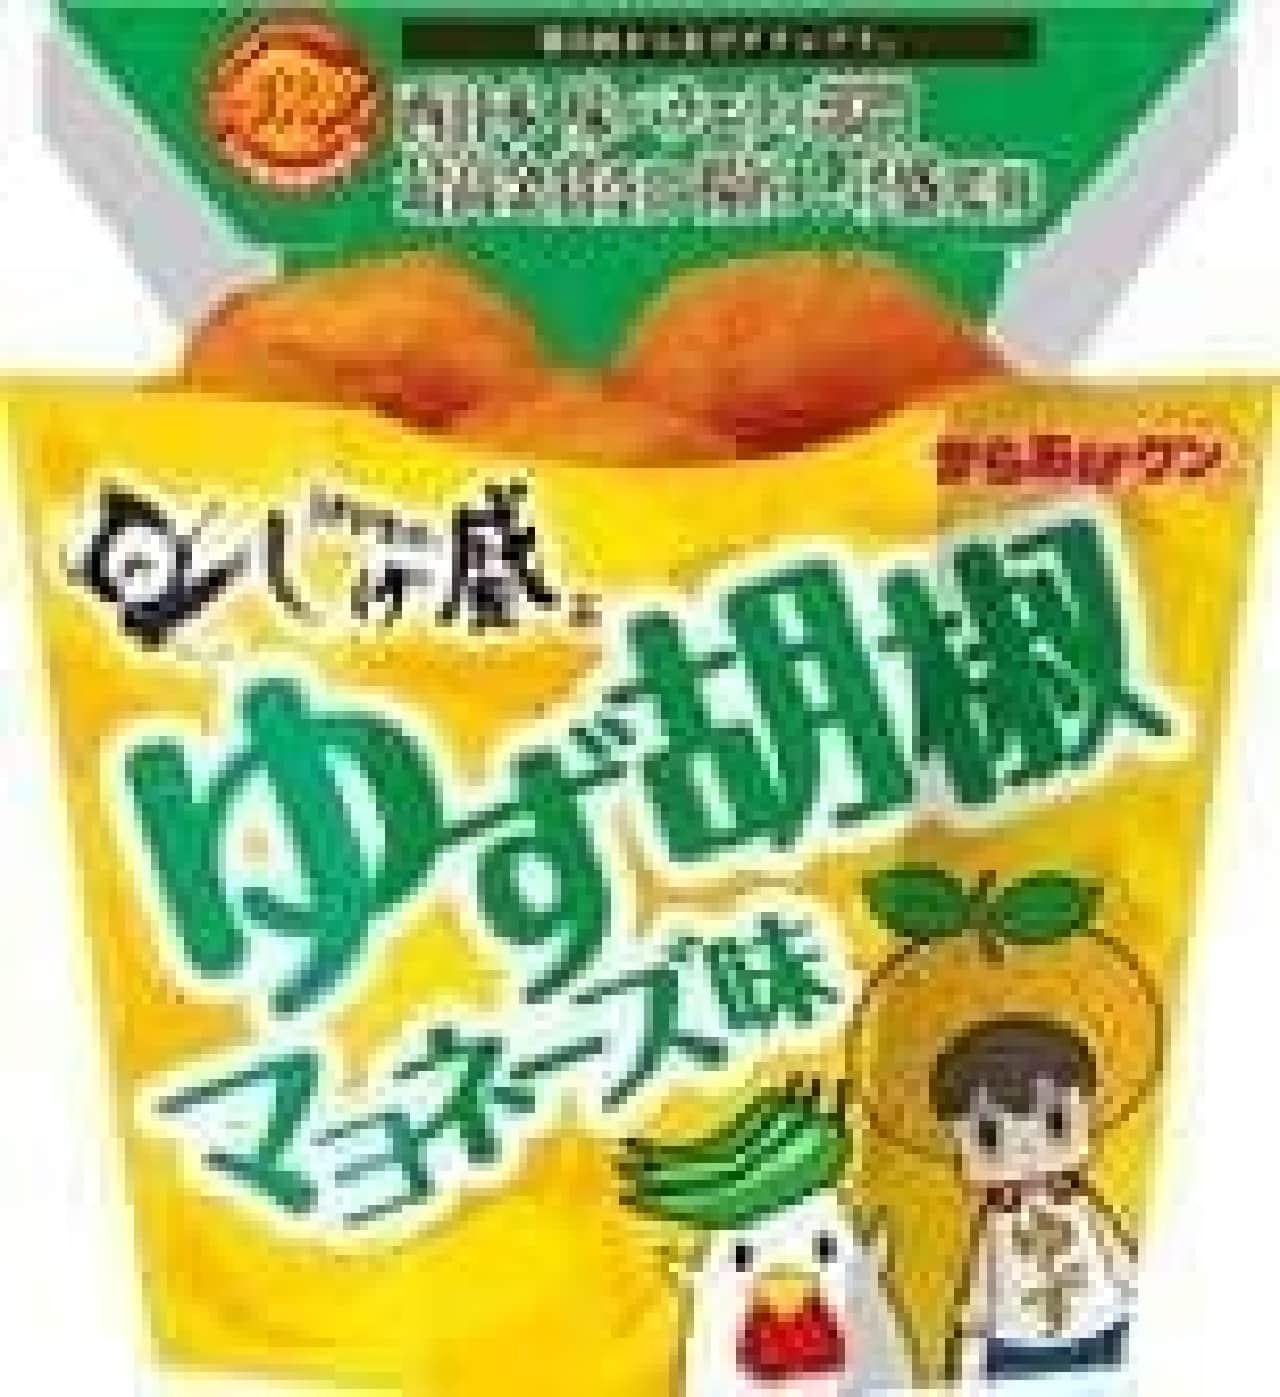 人気店の「柚子胡椒マヨネーズ」味を再現  (C) SENHA&Co.